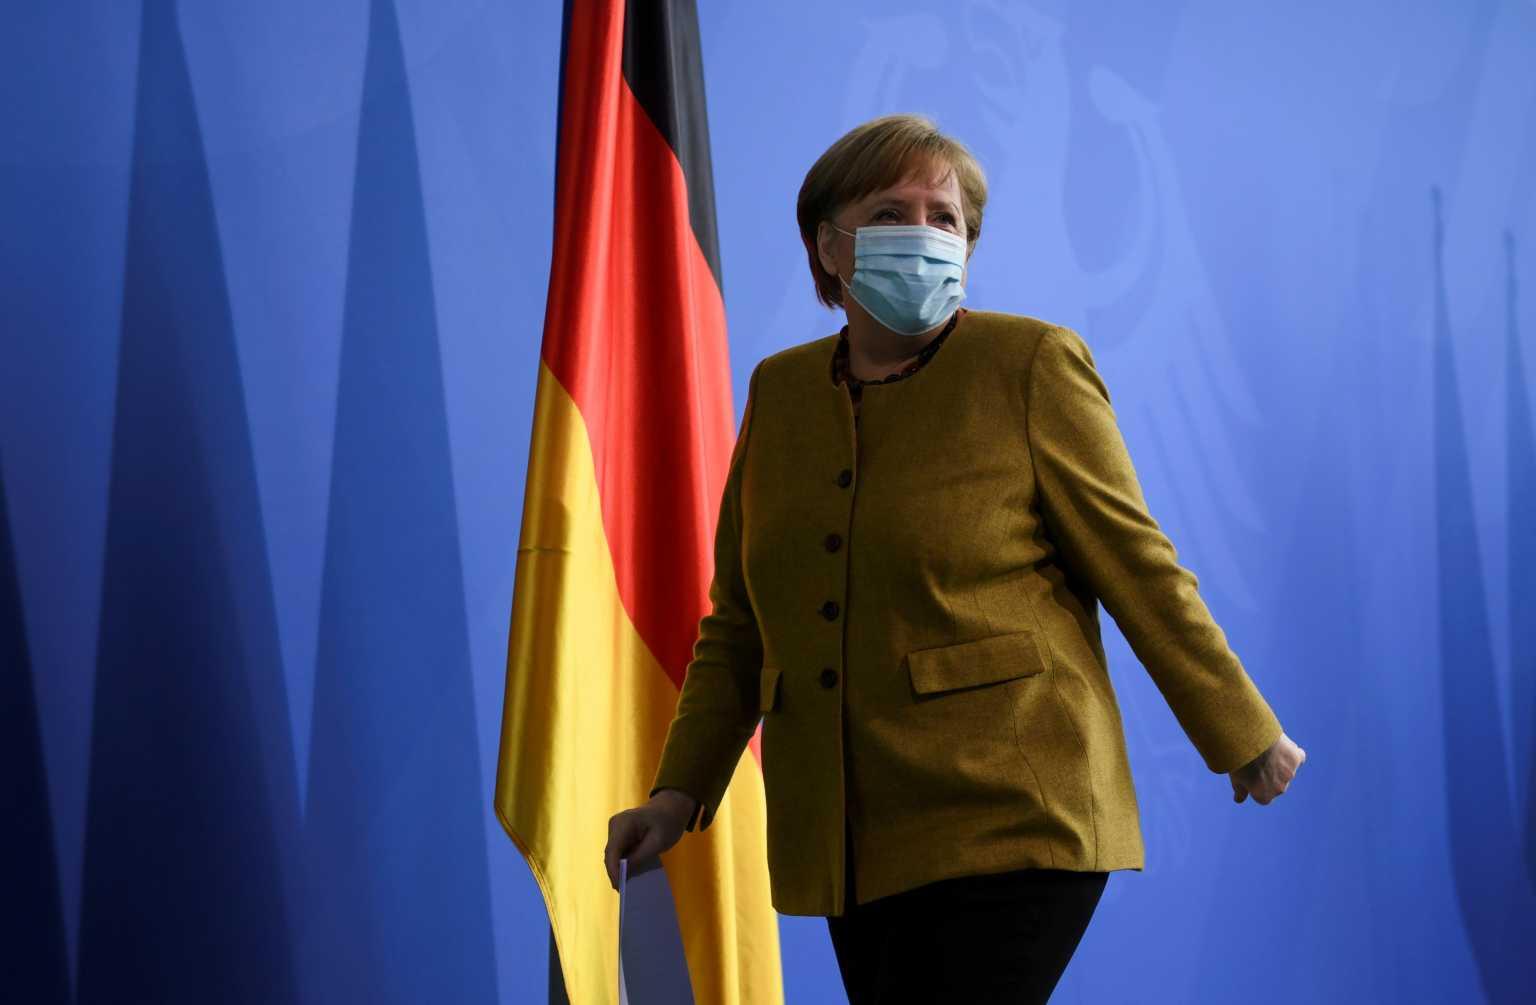 Το εμβόλιο της AstraZeneca θα κάνει η καγκελάριος Άνγκελα Μέρκελ